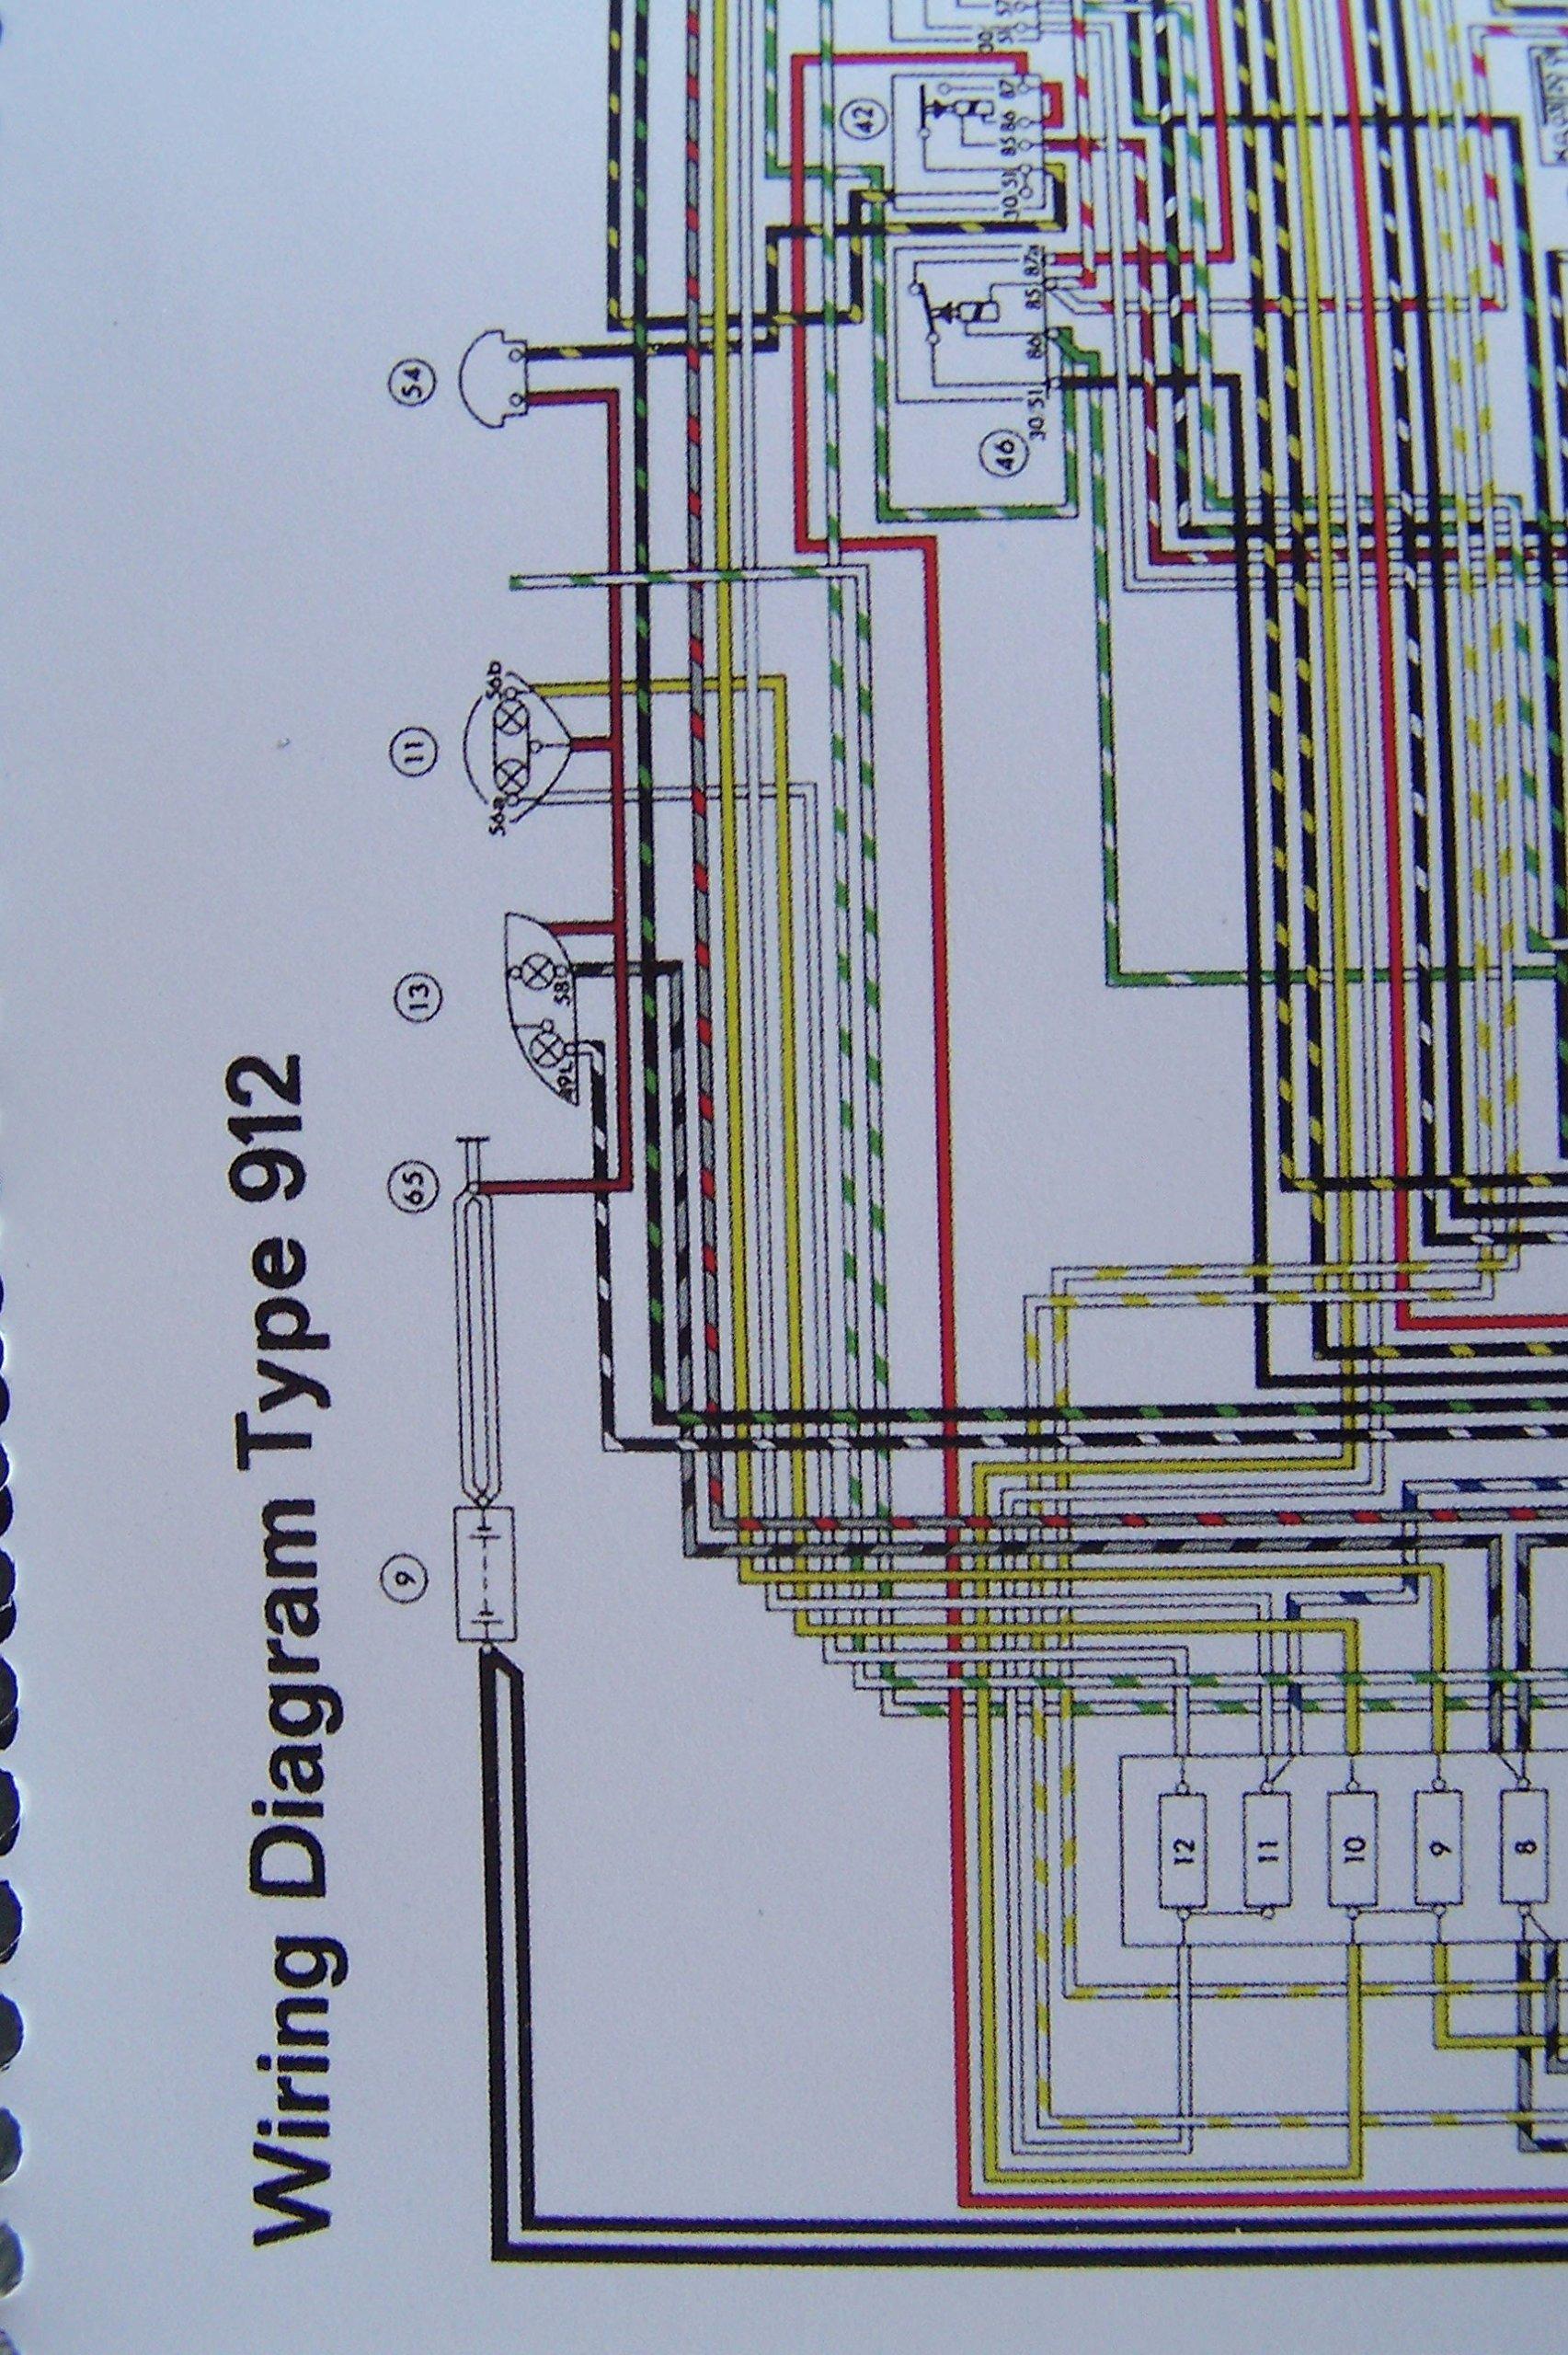 1967 Porsche 912 Wiring Diagram Wiring Diagrams Collection Collection Chatteriedelavalleedufelin Fr